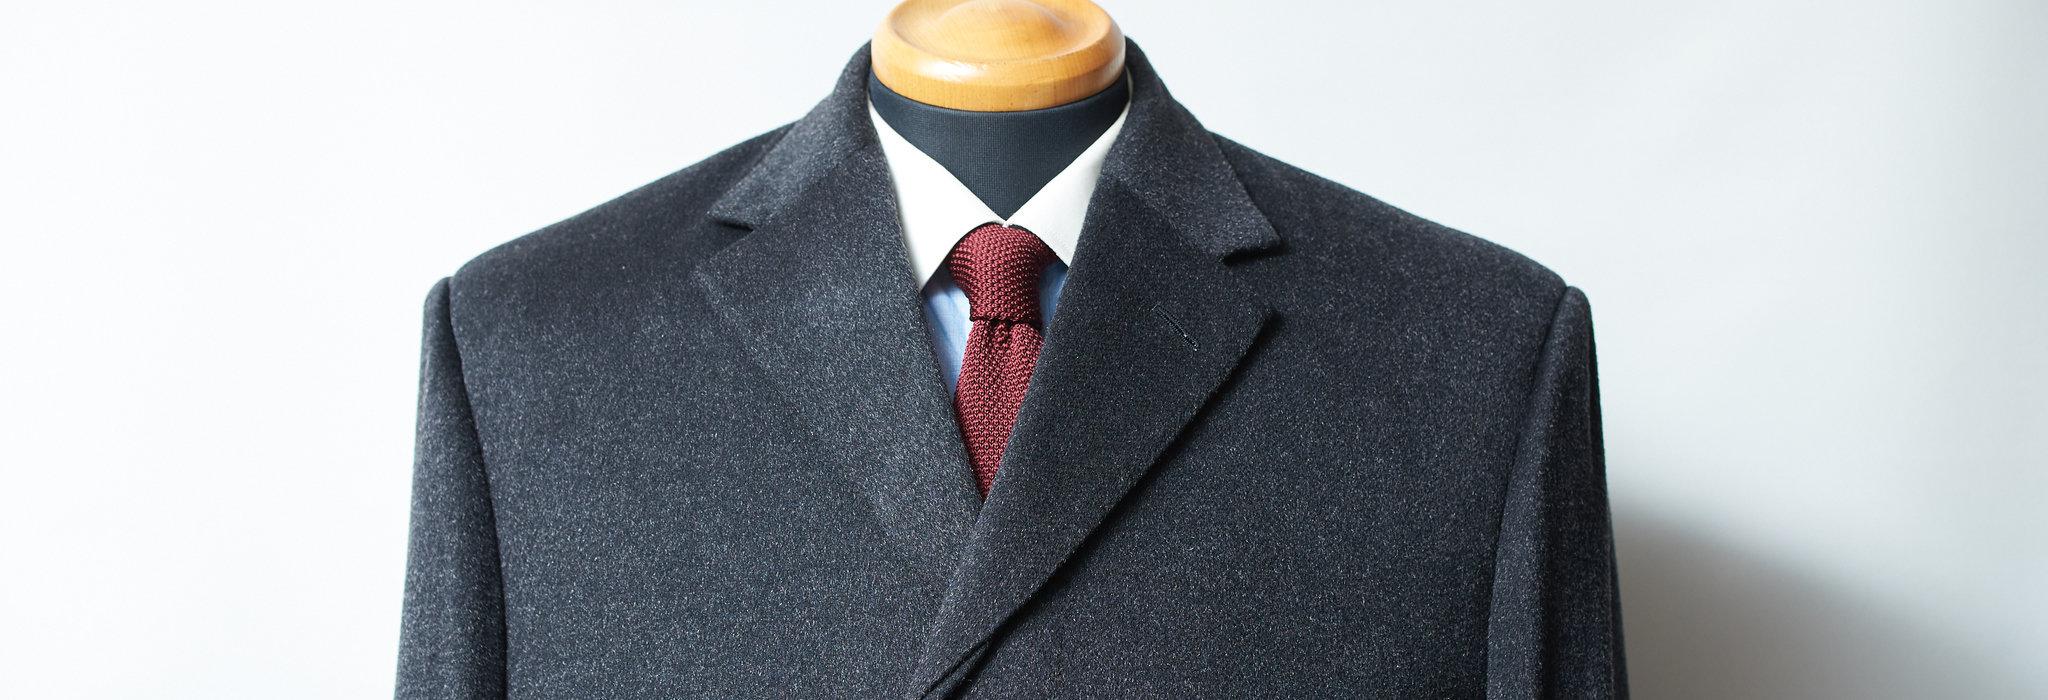 コート解体新書:第五回「チェスターフィールドコート」優雅さ際立つ一着_image